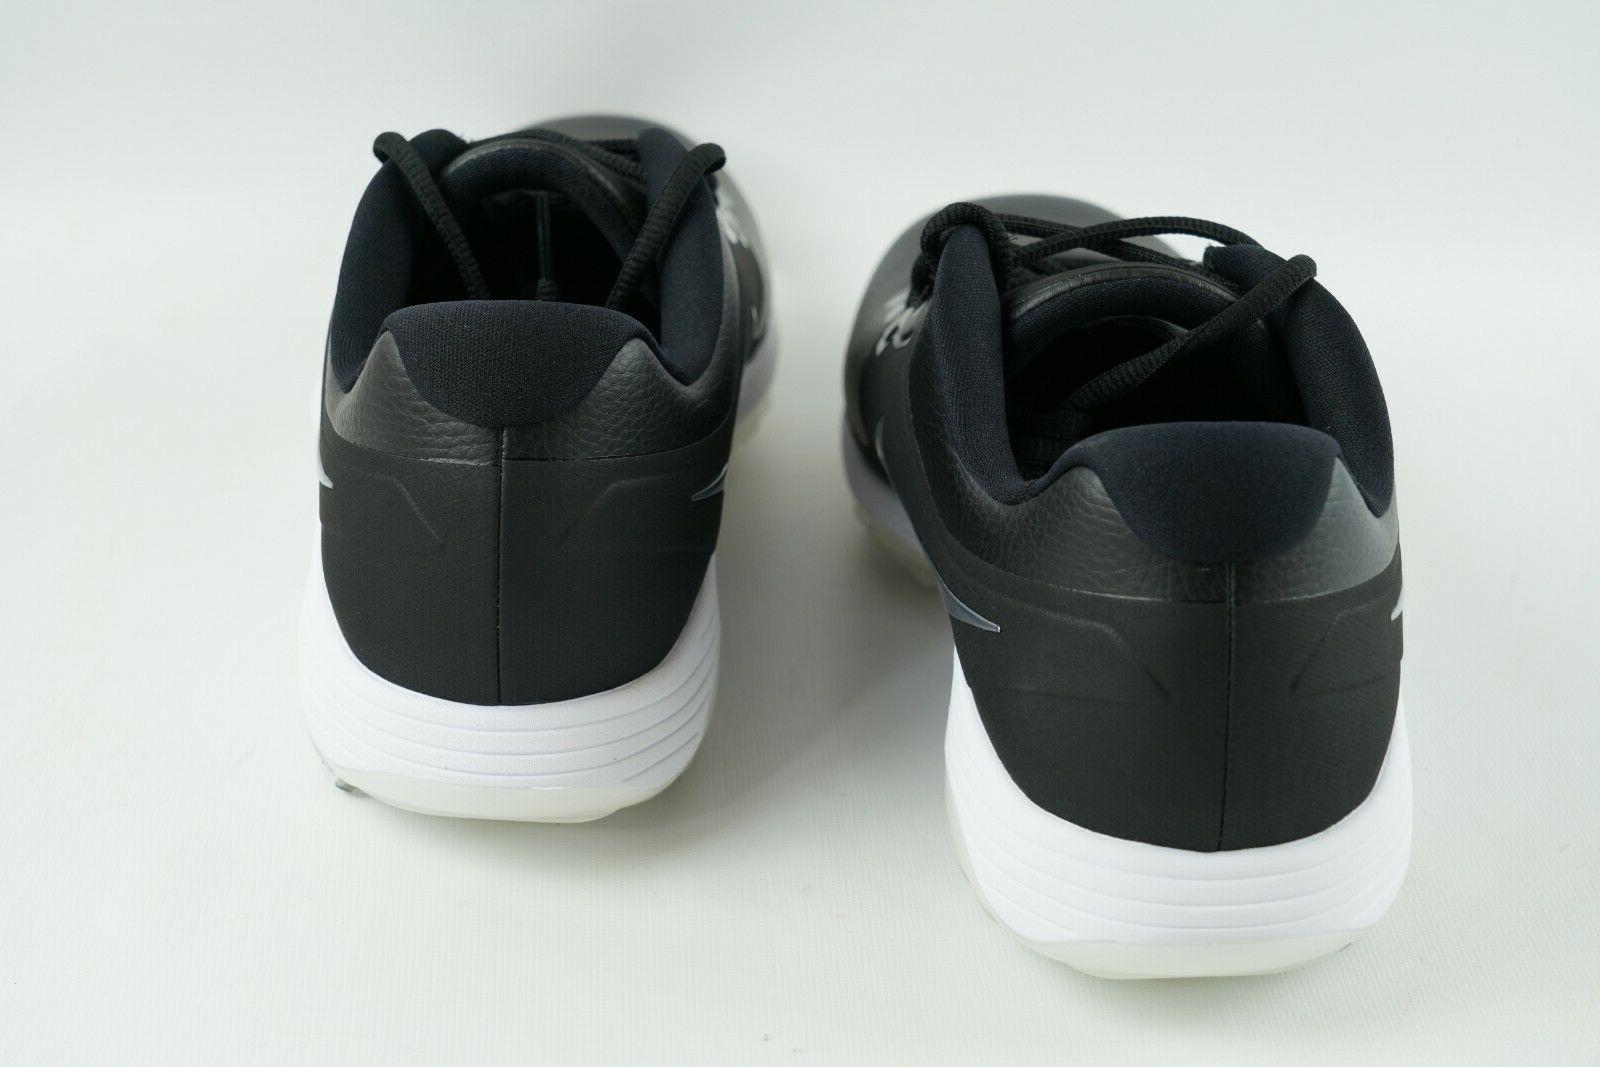 Nike Shoes Waterproof AQ2197-001 Men's